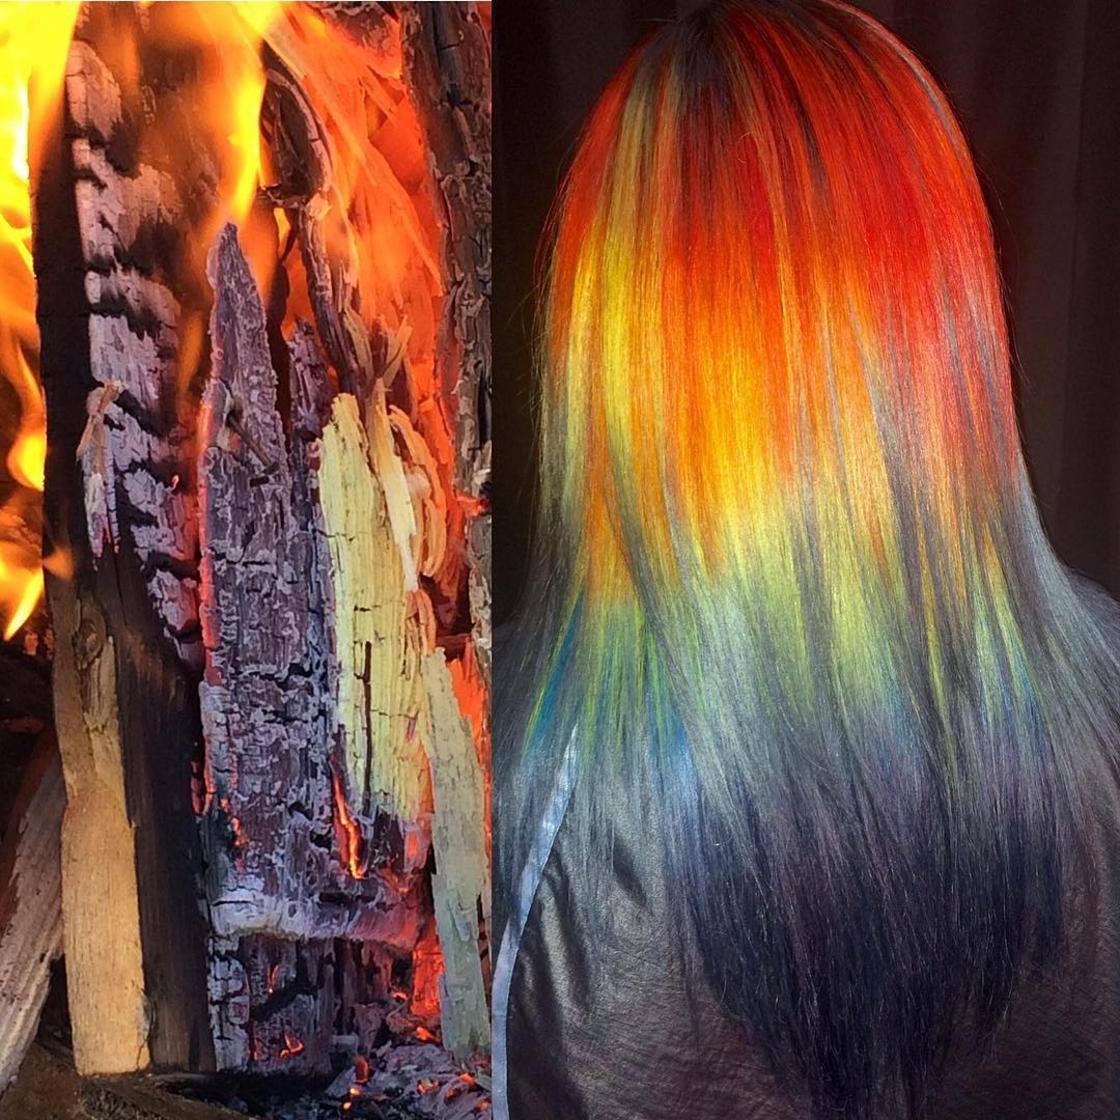 Artista se inspira em imagens fantásticas para mudar a cor do cabelo 12